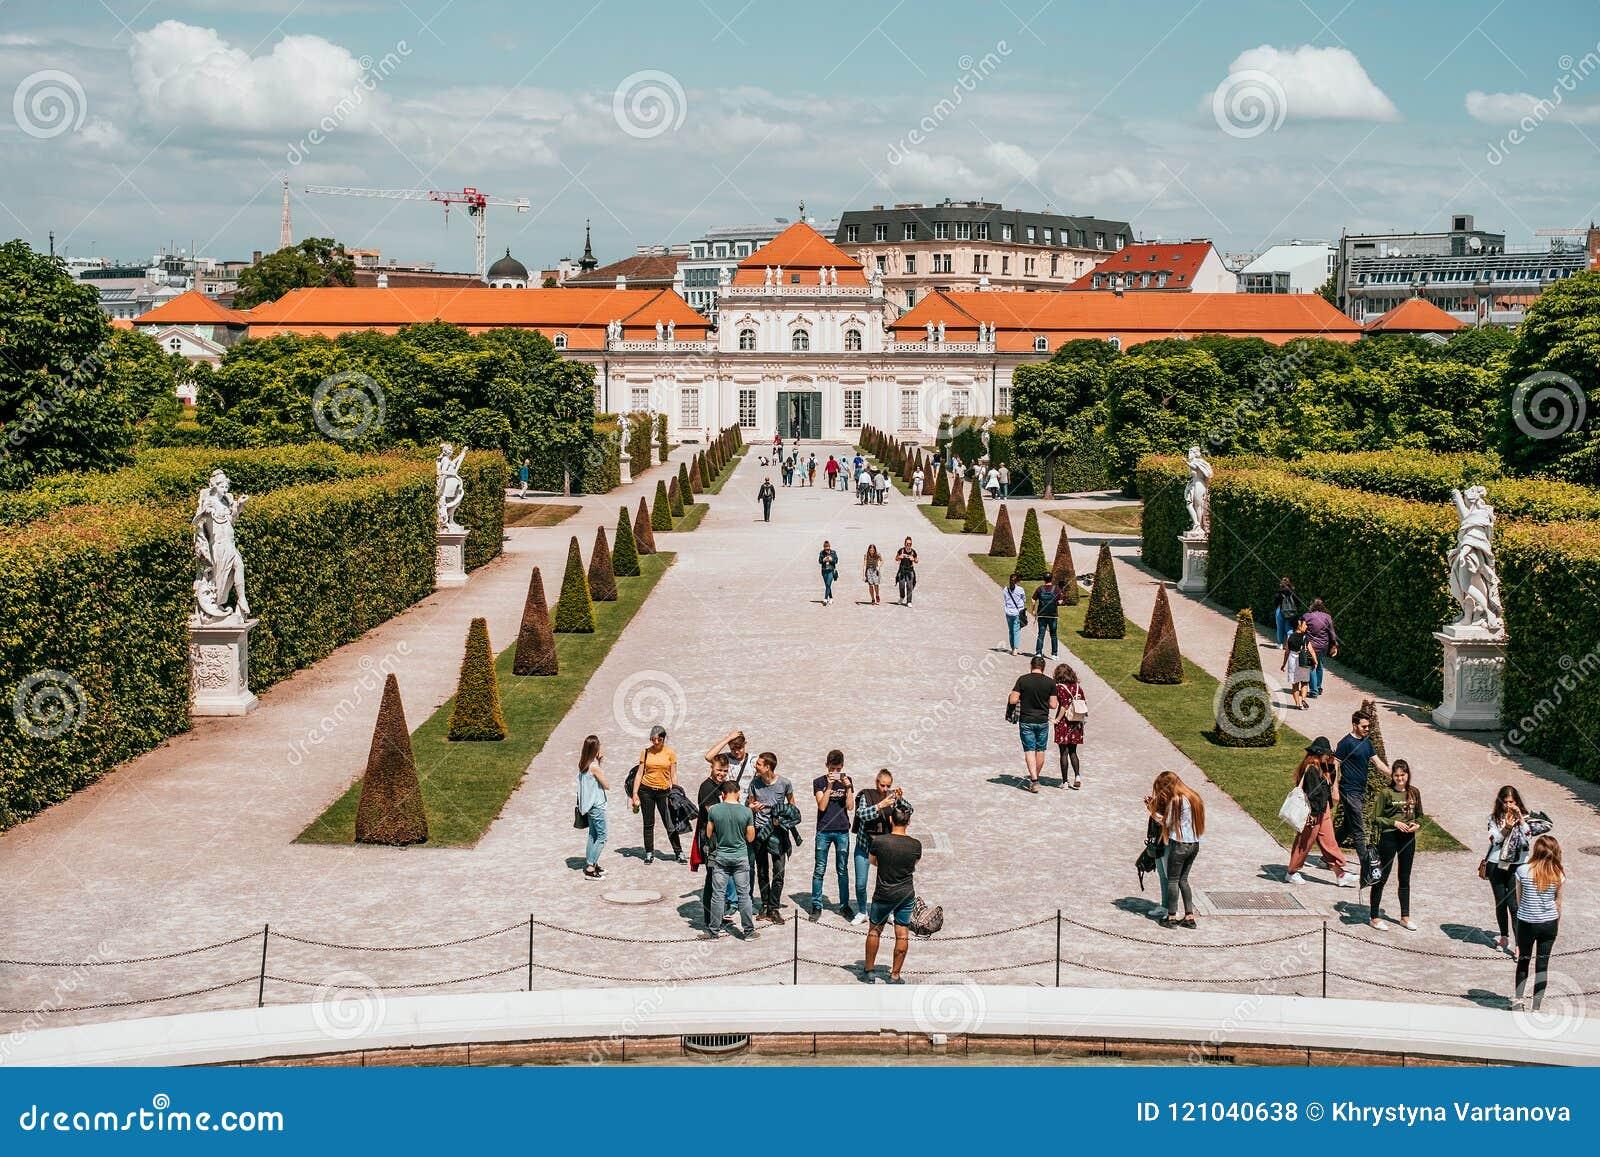 Der untere Belvedere-Palast in Wien, Österreich